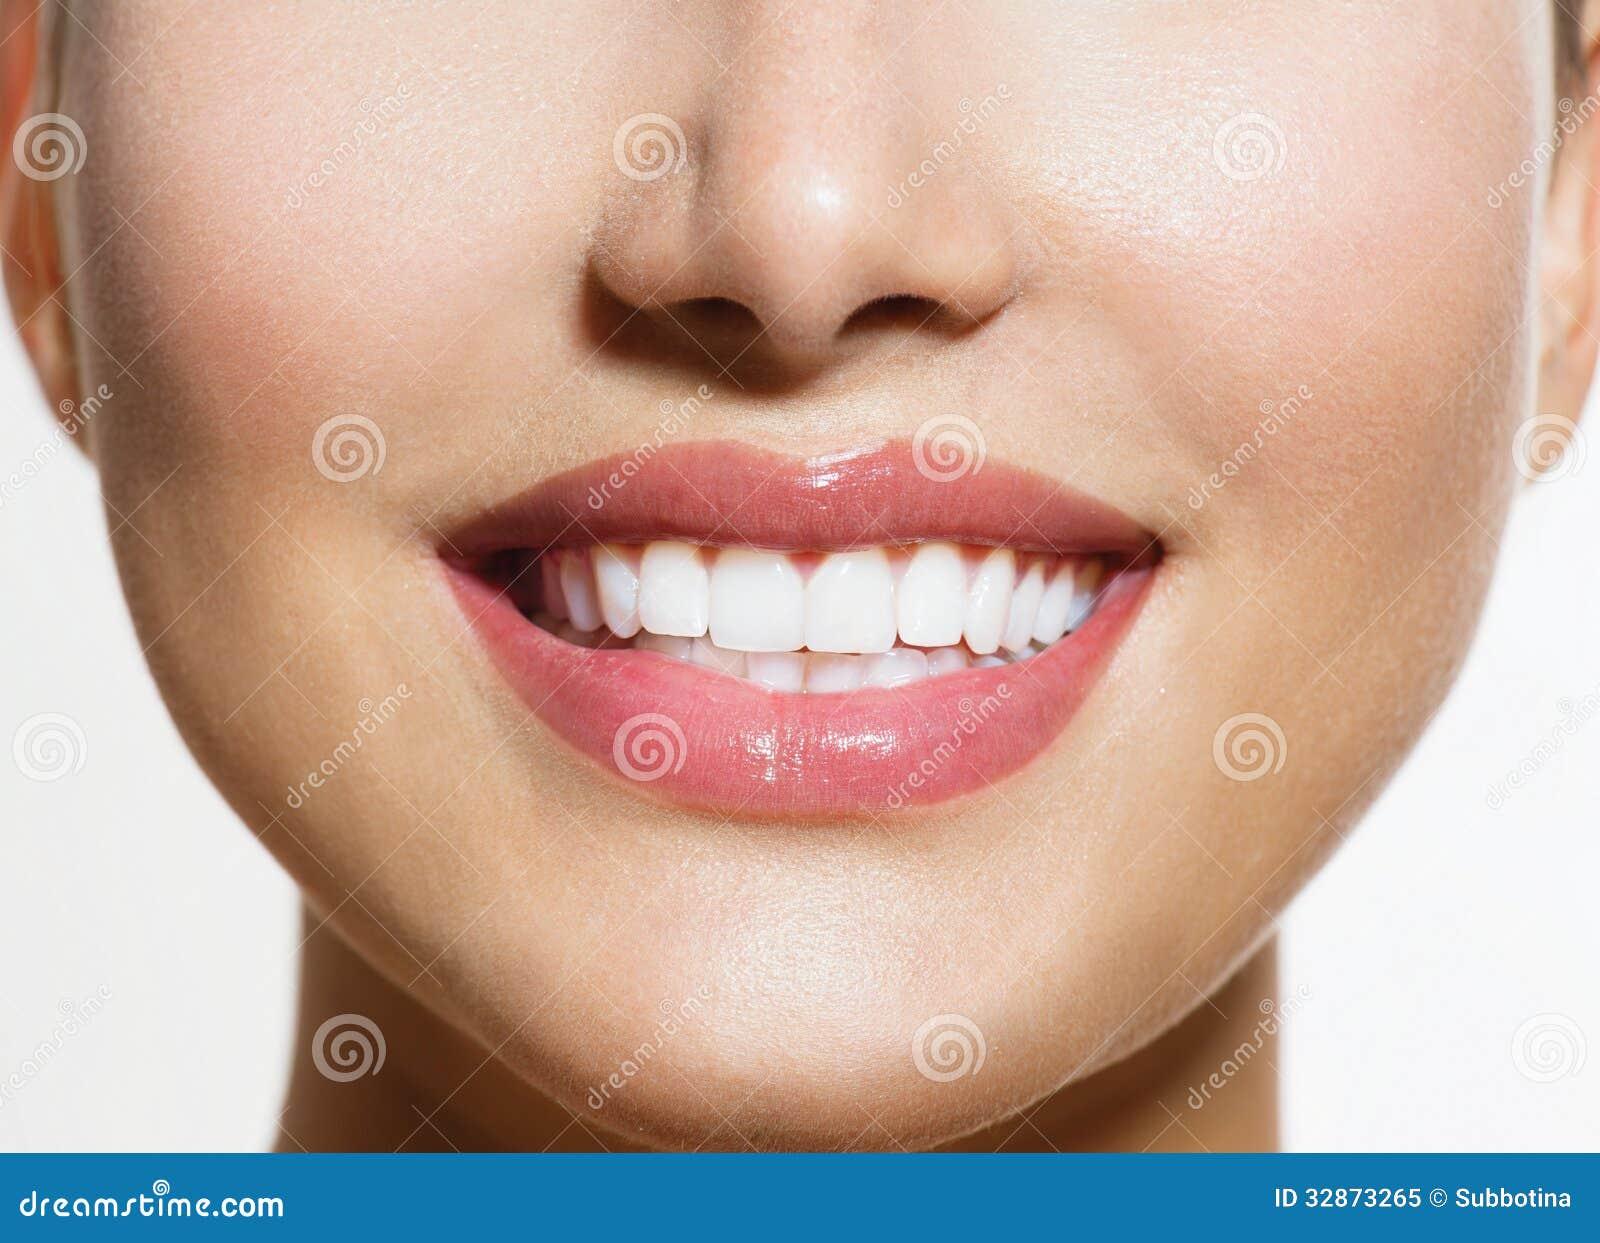 Zdrowy uśmiech. Zęby Whitenin